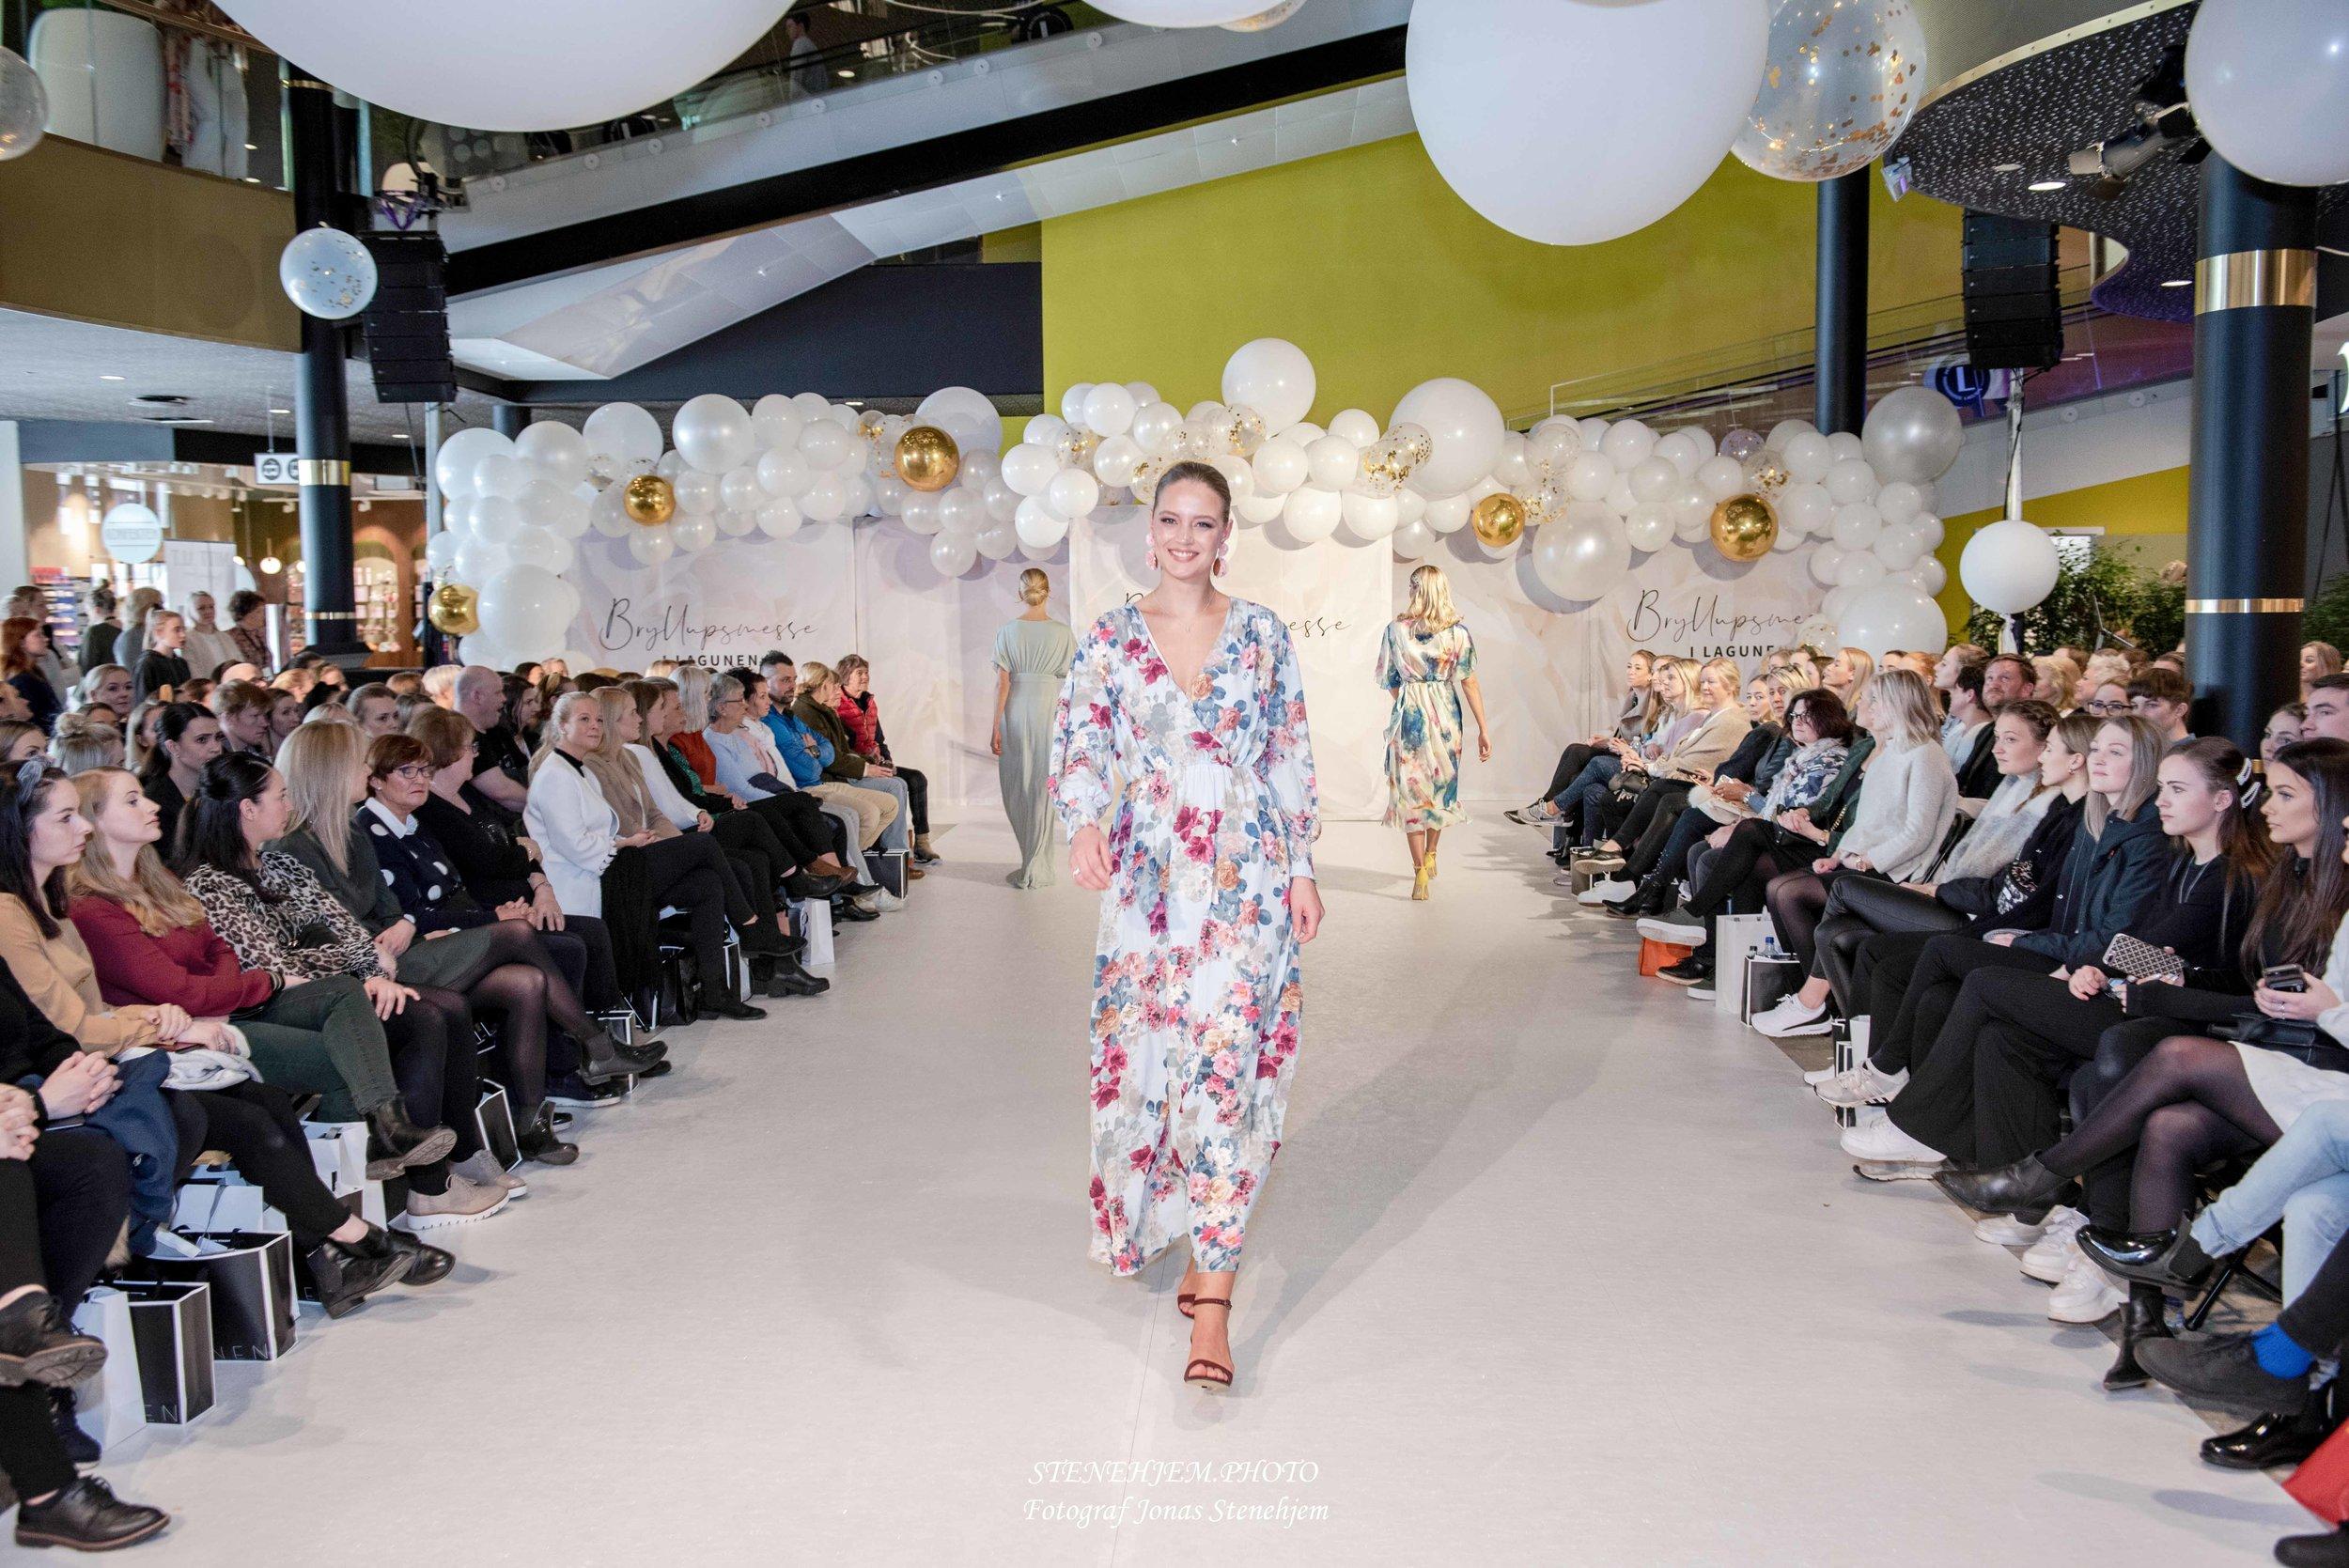 lagunen_fashion_mittaltweddingfair__004.jpg